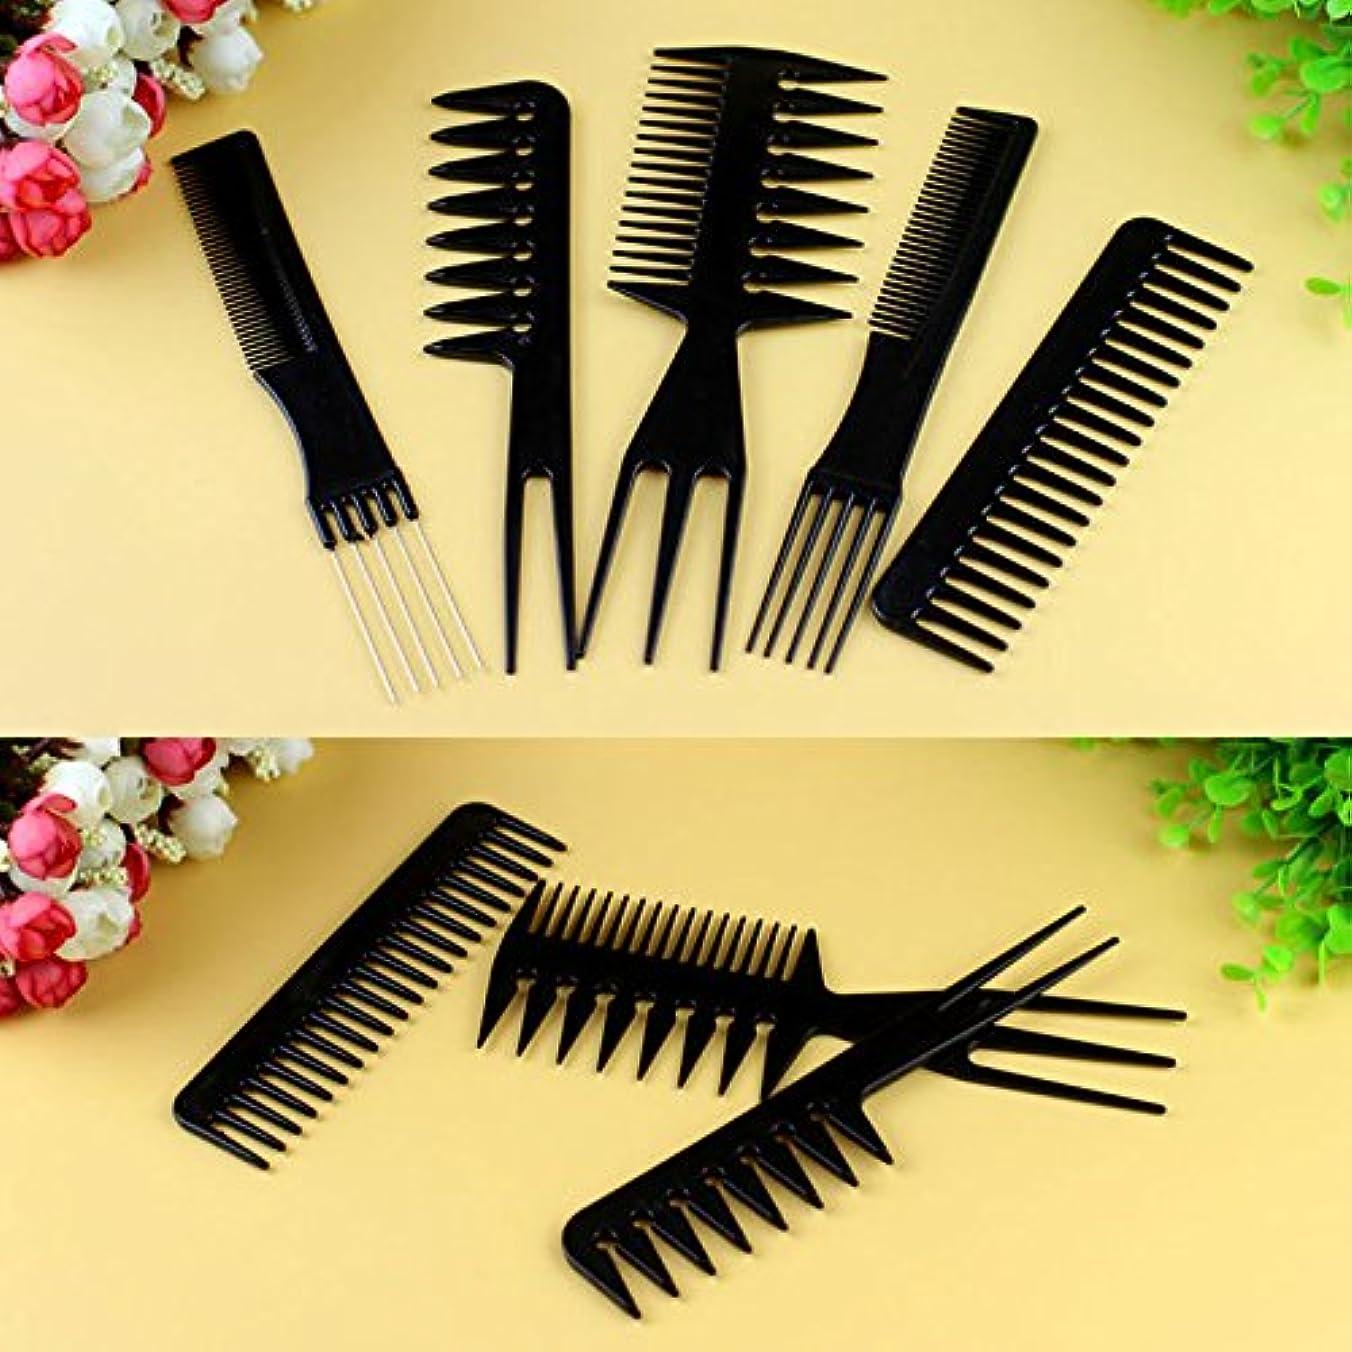 ディンカルビル思慮深いプレゼンテーションMSmask 10個入りブラックプロサロン ヘアスタイリング理髪 プラスチック理髪店 ブラシコムズセット